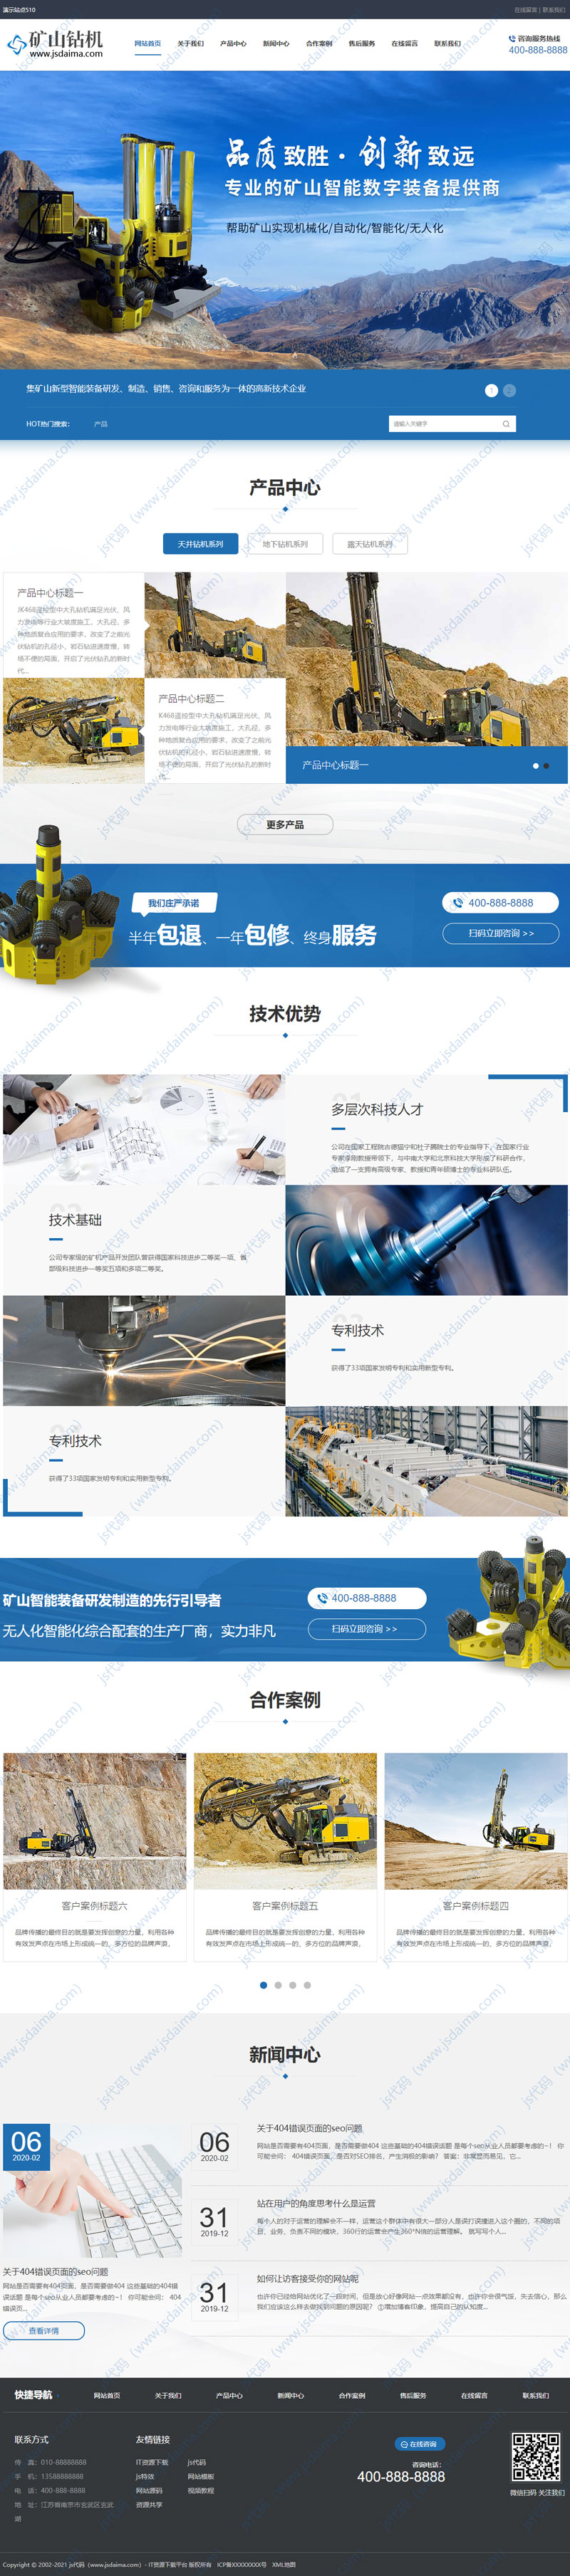 大型矿山钻机智能科技装备机械设备制造公司网站源码